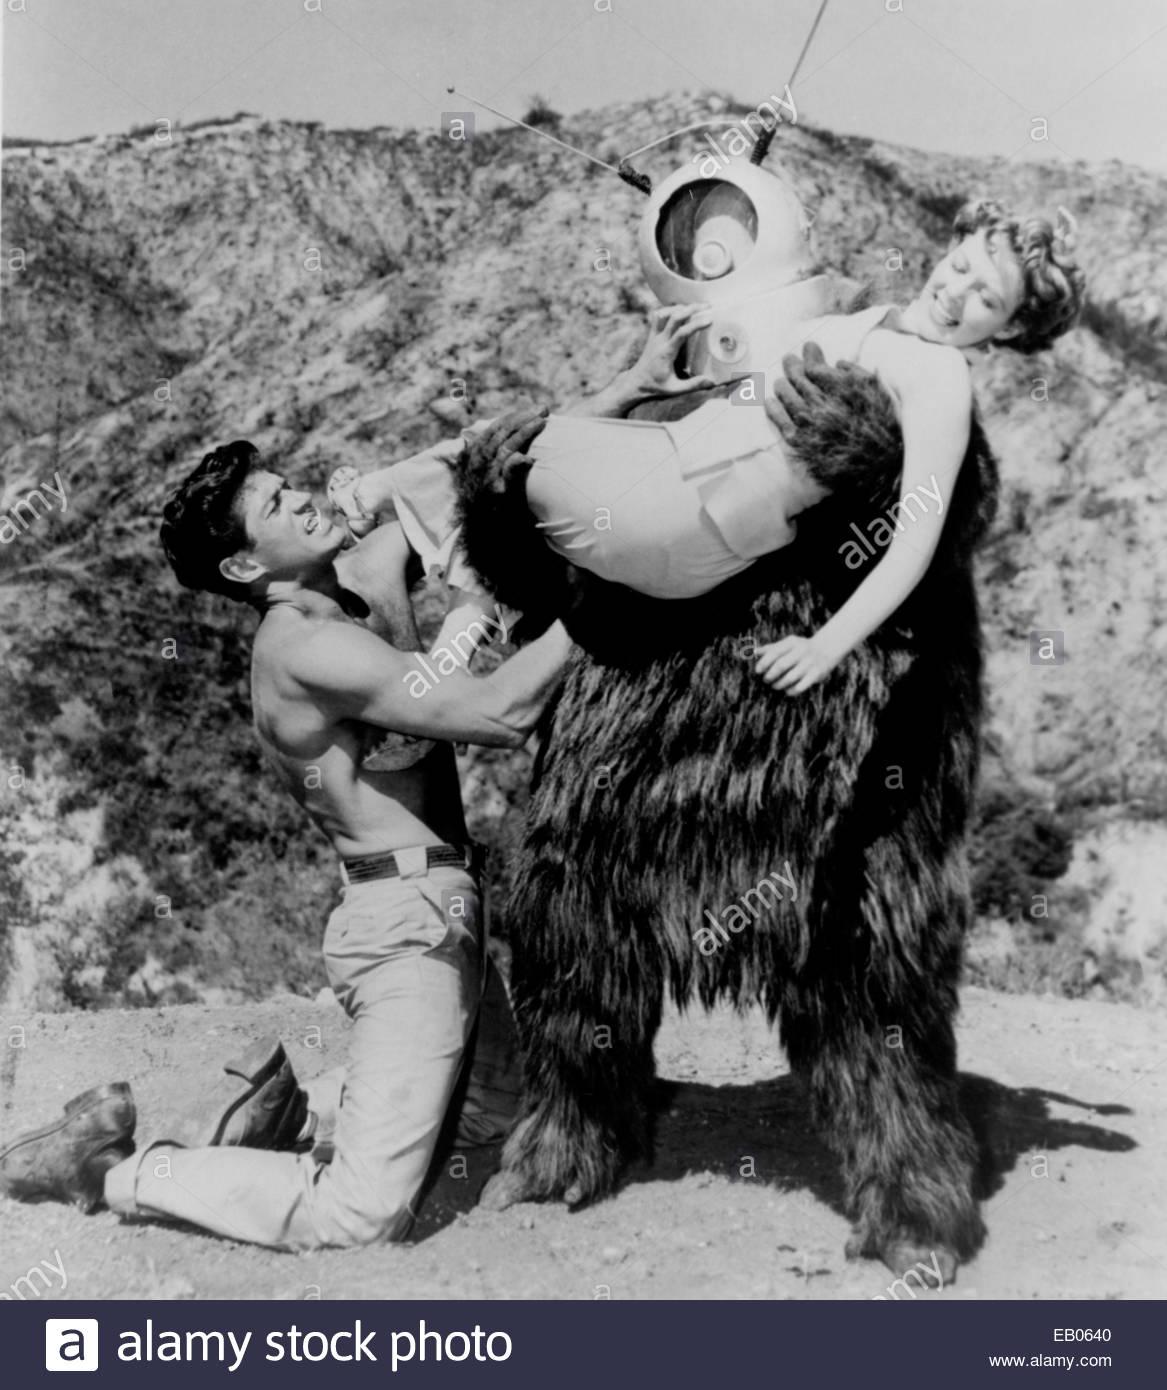 ROBOT MONSTER (1953) - ancora dal basso bilancio 1953 film di fantascienza. Foto Stock